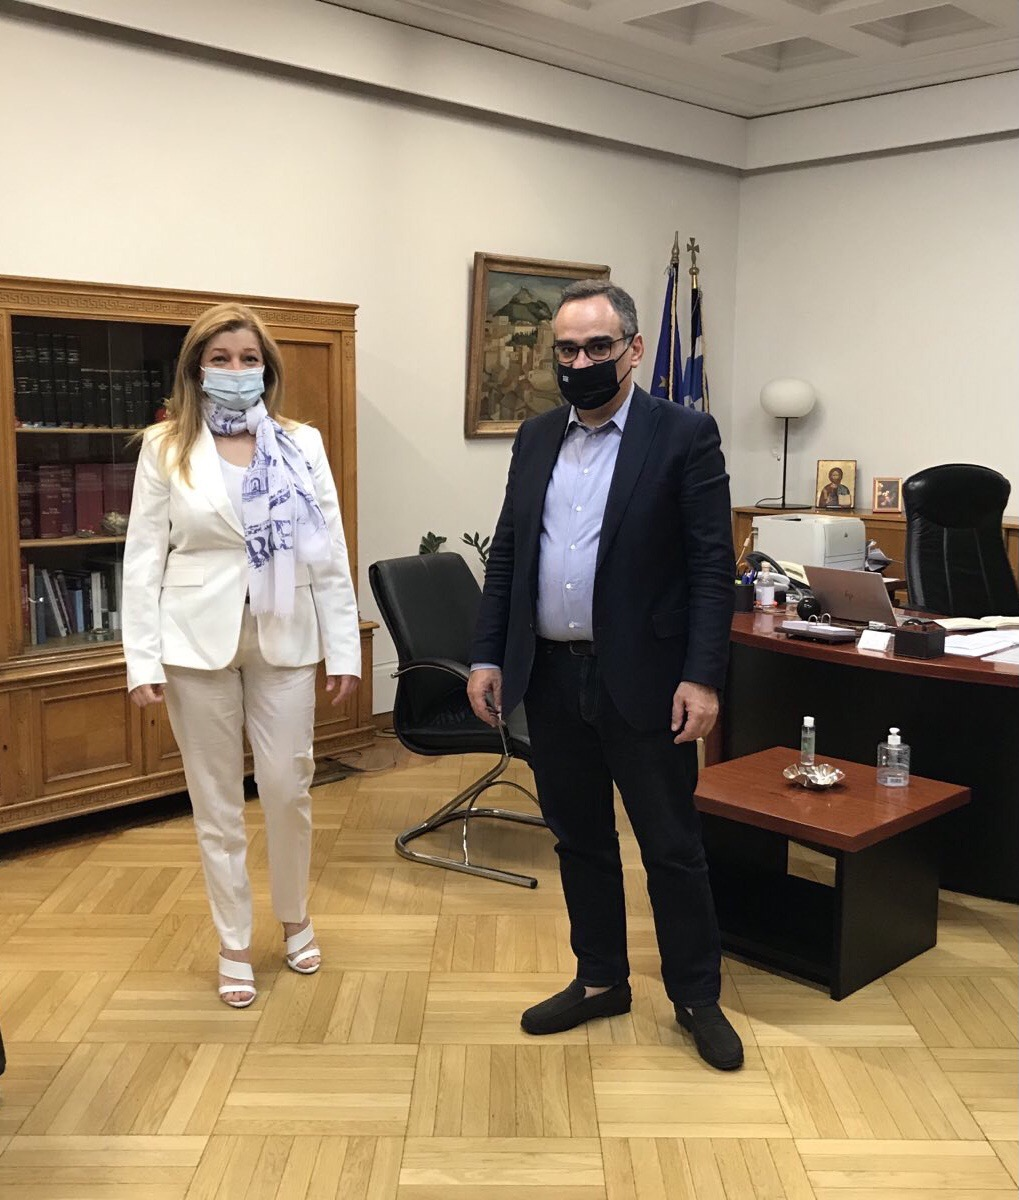 Αυγερινοπούλου: Με νομοθετική ρύθμιση η οριστική λύση για τα κενά θέσεων ιατρών στα νοσοκομεία της Ηλείας- Εφ' όλης της ύλης συνάντηση με Κικίλια, Κοντοζαμάνη και Κωτσιόπουλο